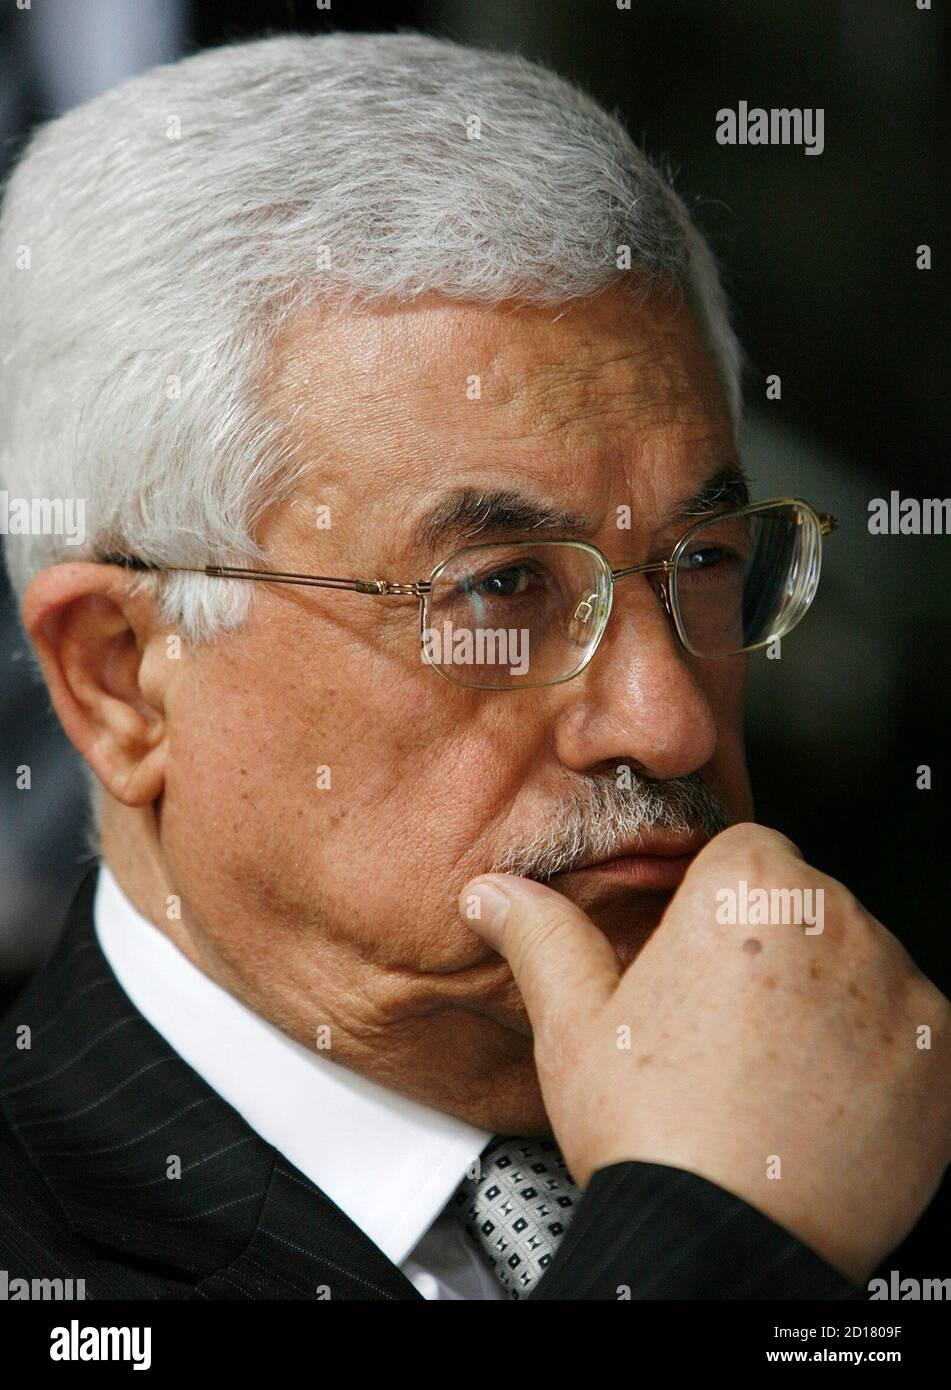 El presidente palestino Mahmoud Abbas está representado en el Musee d'Art et d'Histoire en Ginebra el 26 de abril de 2007. Del 27 de abril al 7 de octubre de 2007, el museo llevará a cabo una exposición de más de 500 elementos arqueológicos recuperados de la Franja de Gaza, revelando múltiples facetas de este patrimonio de la región. REUTERS/Denis Balibouse (SUIZA) Foto de stock